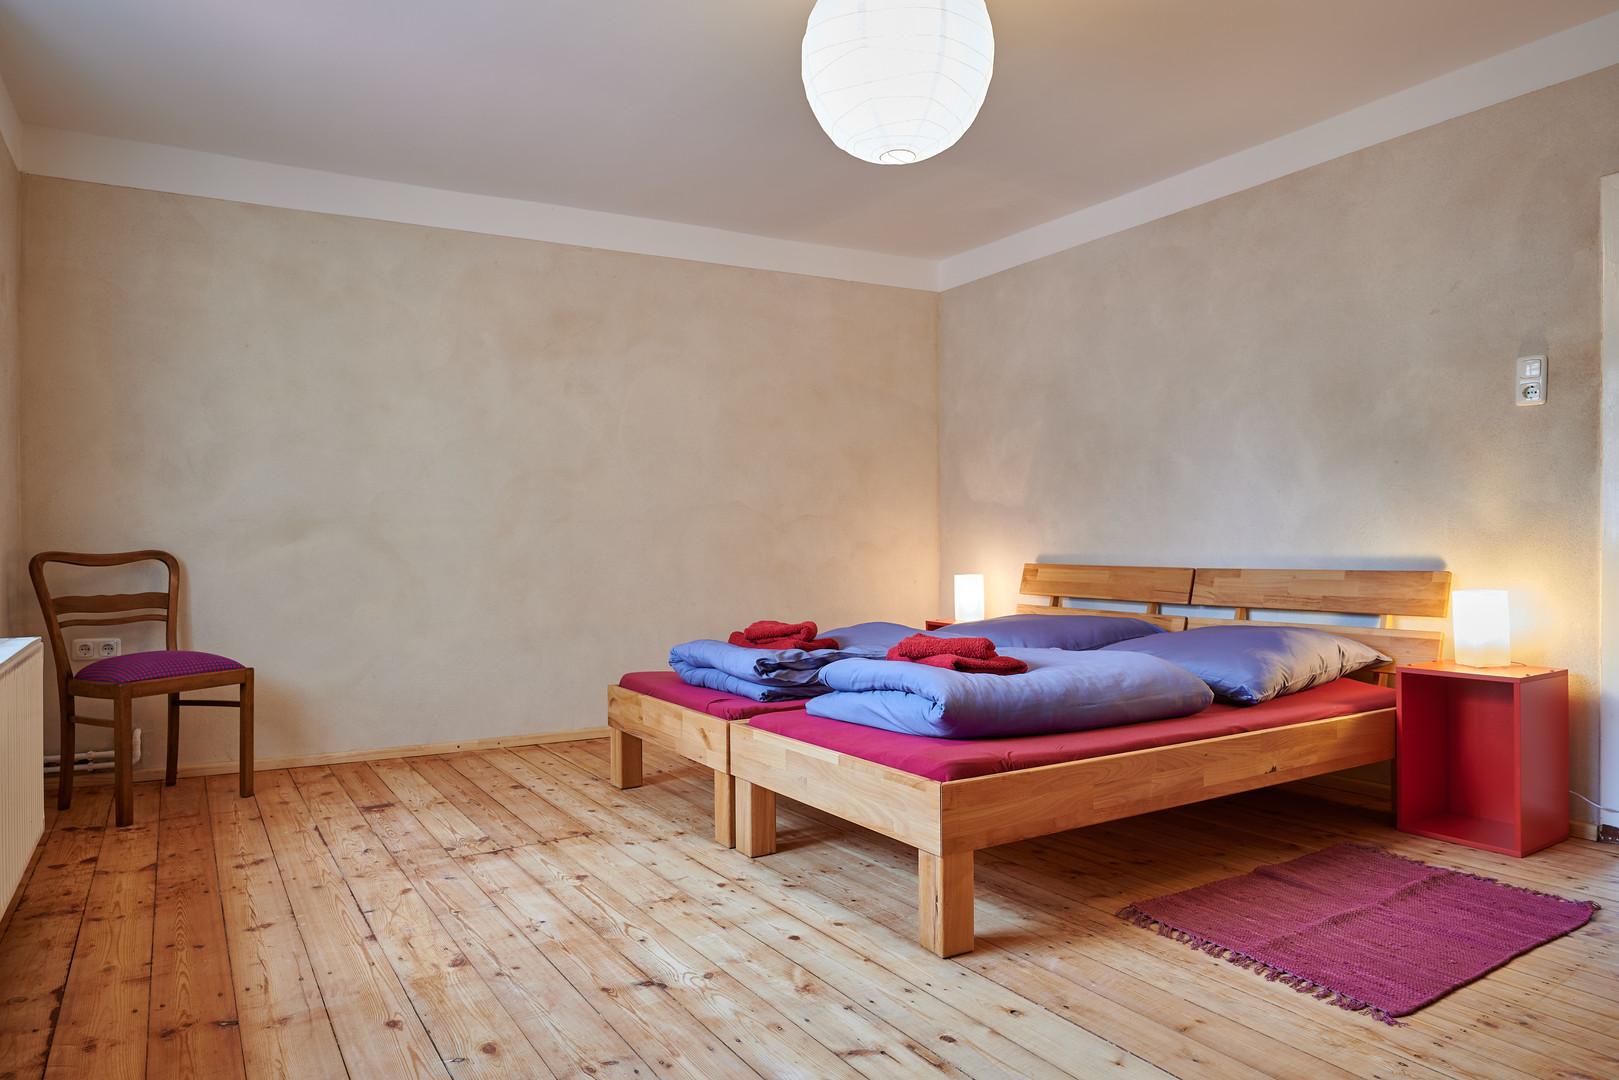 Schlafzimmer 2.JPG